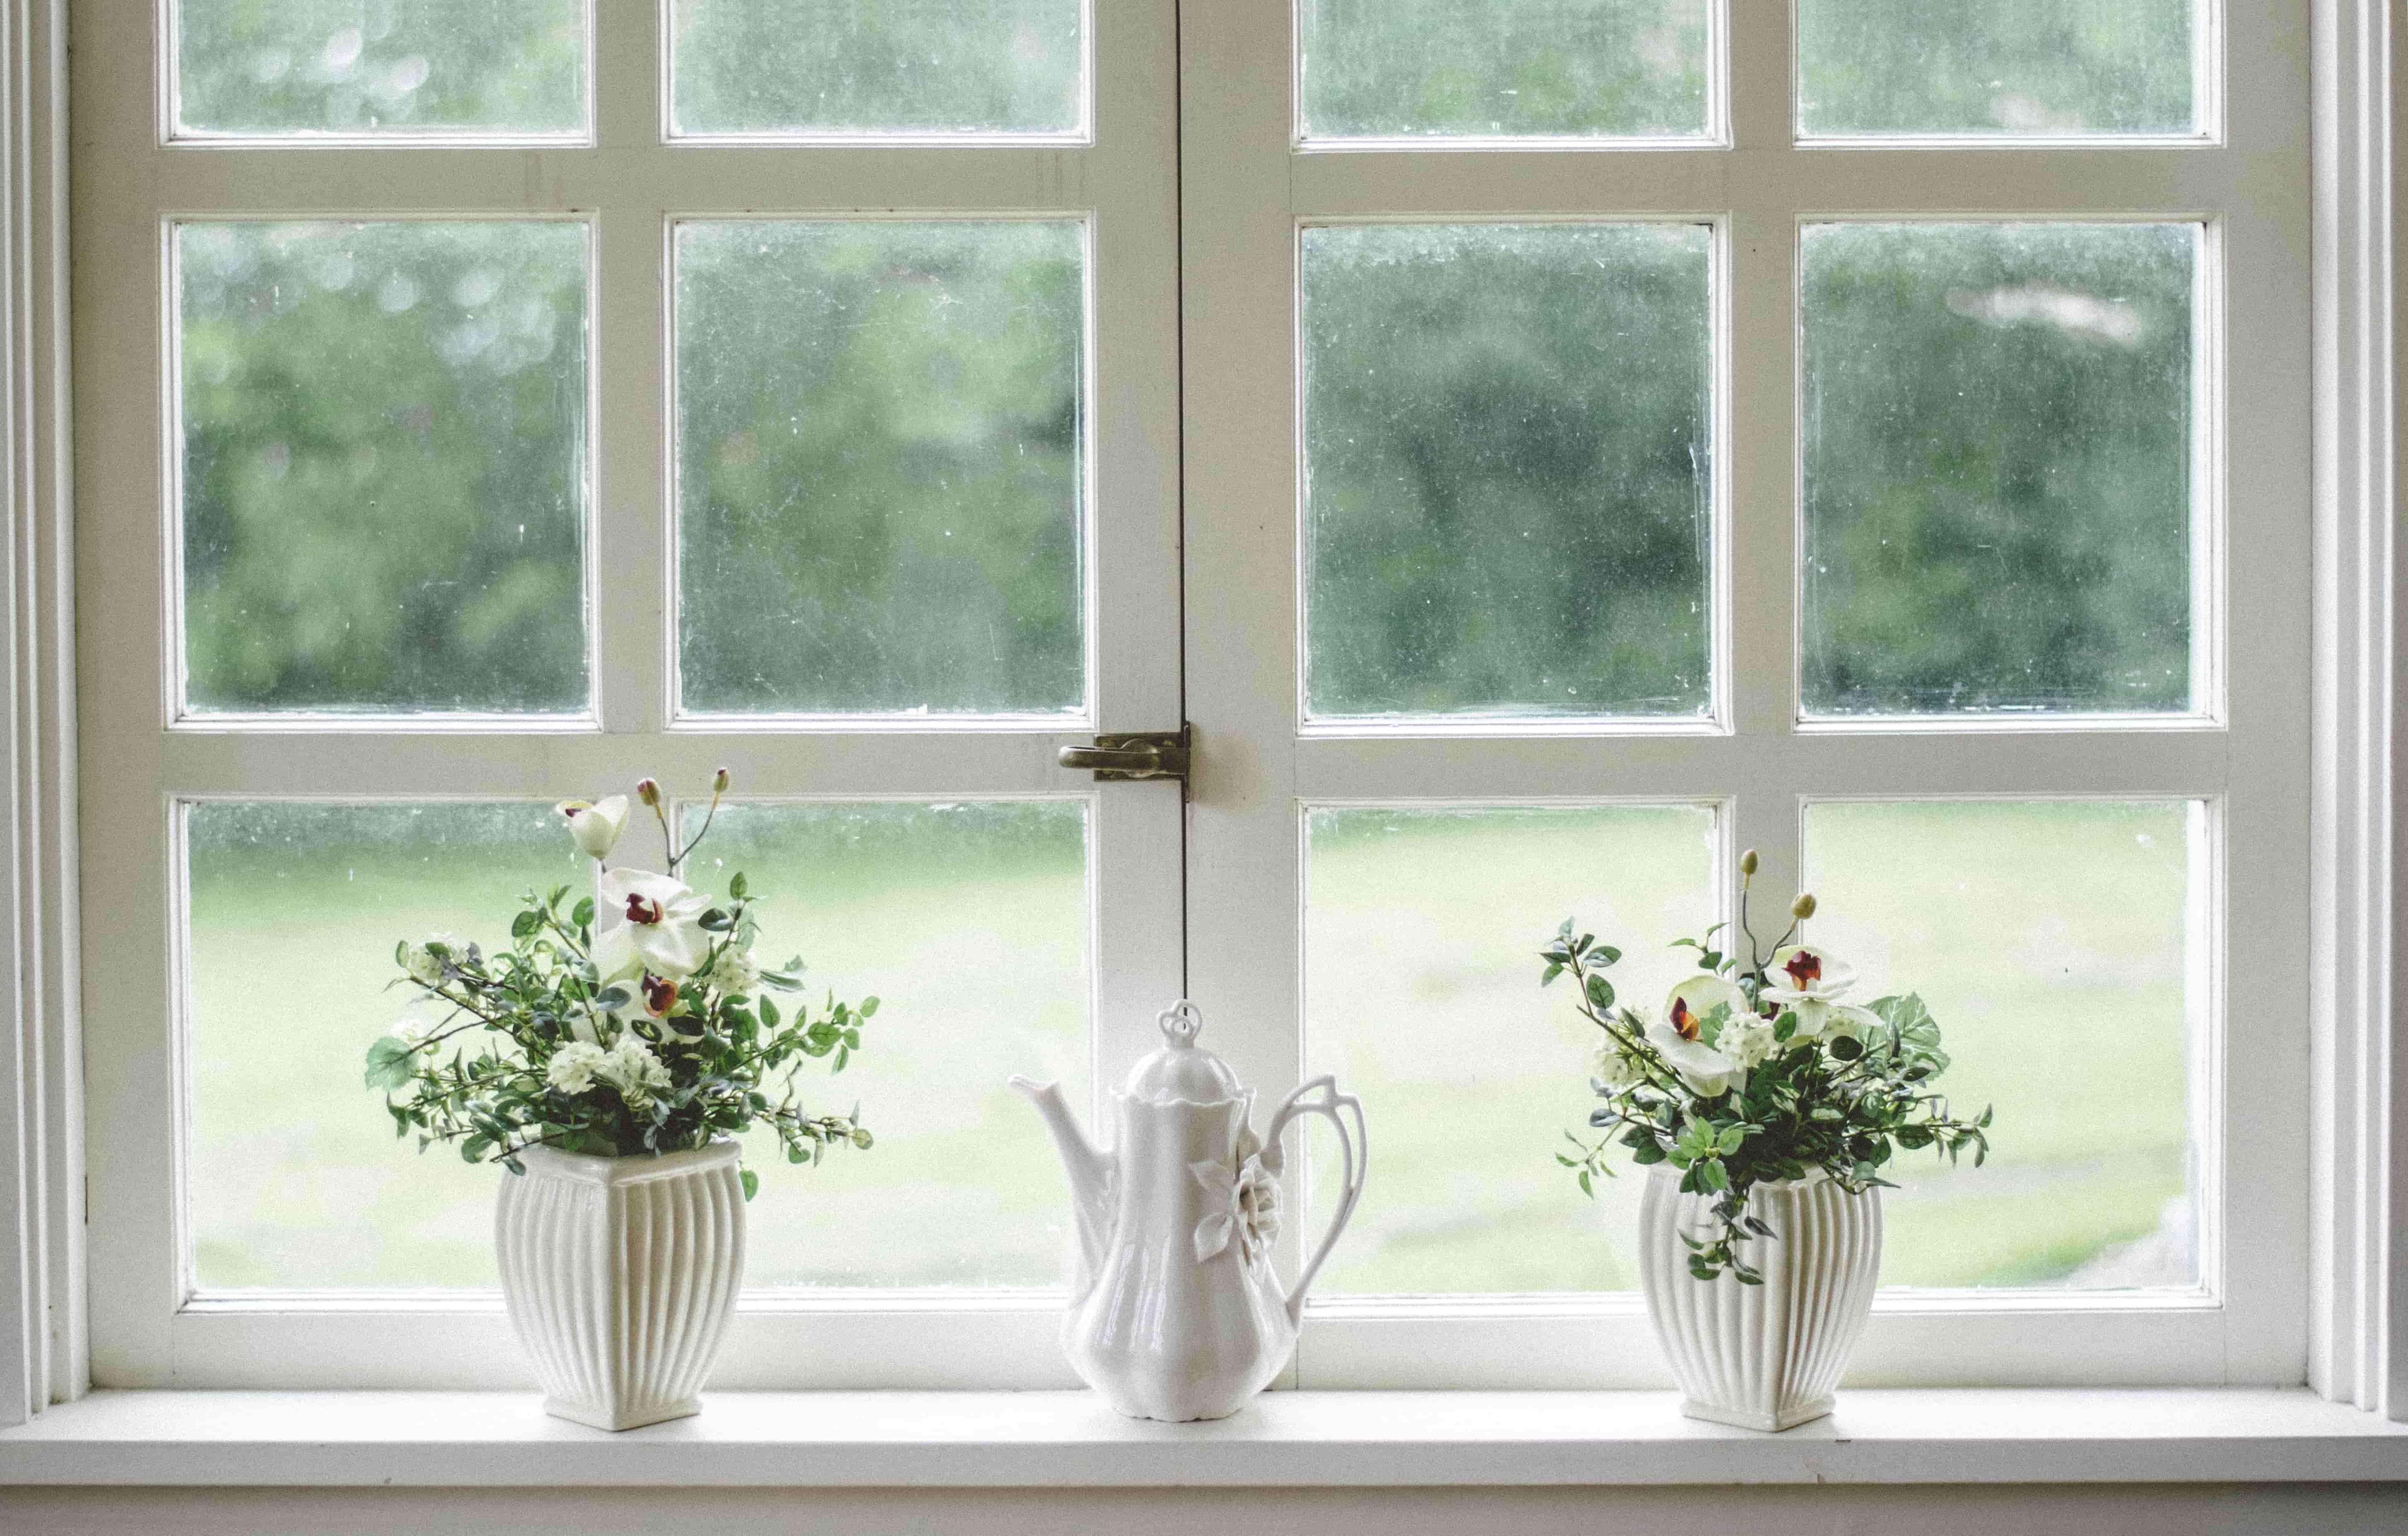 Hoe kies je het juiste materiaal voor je ramen en deuren?